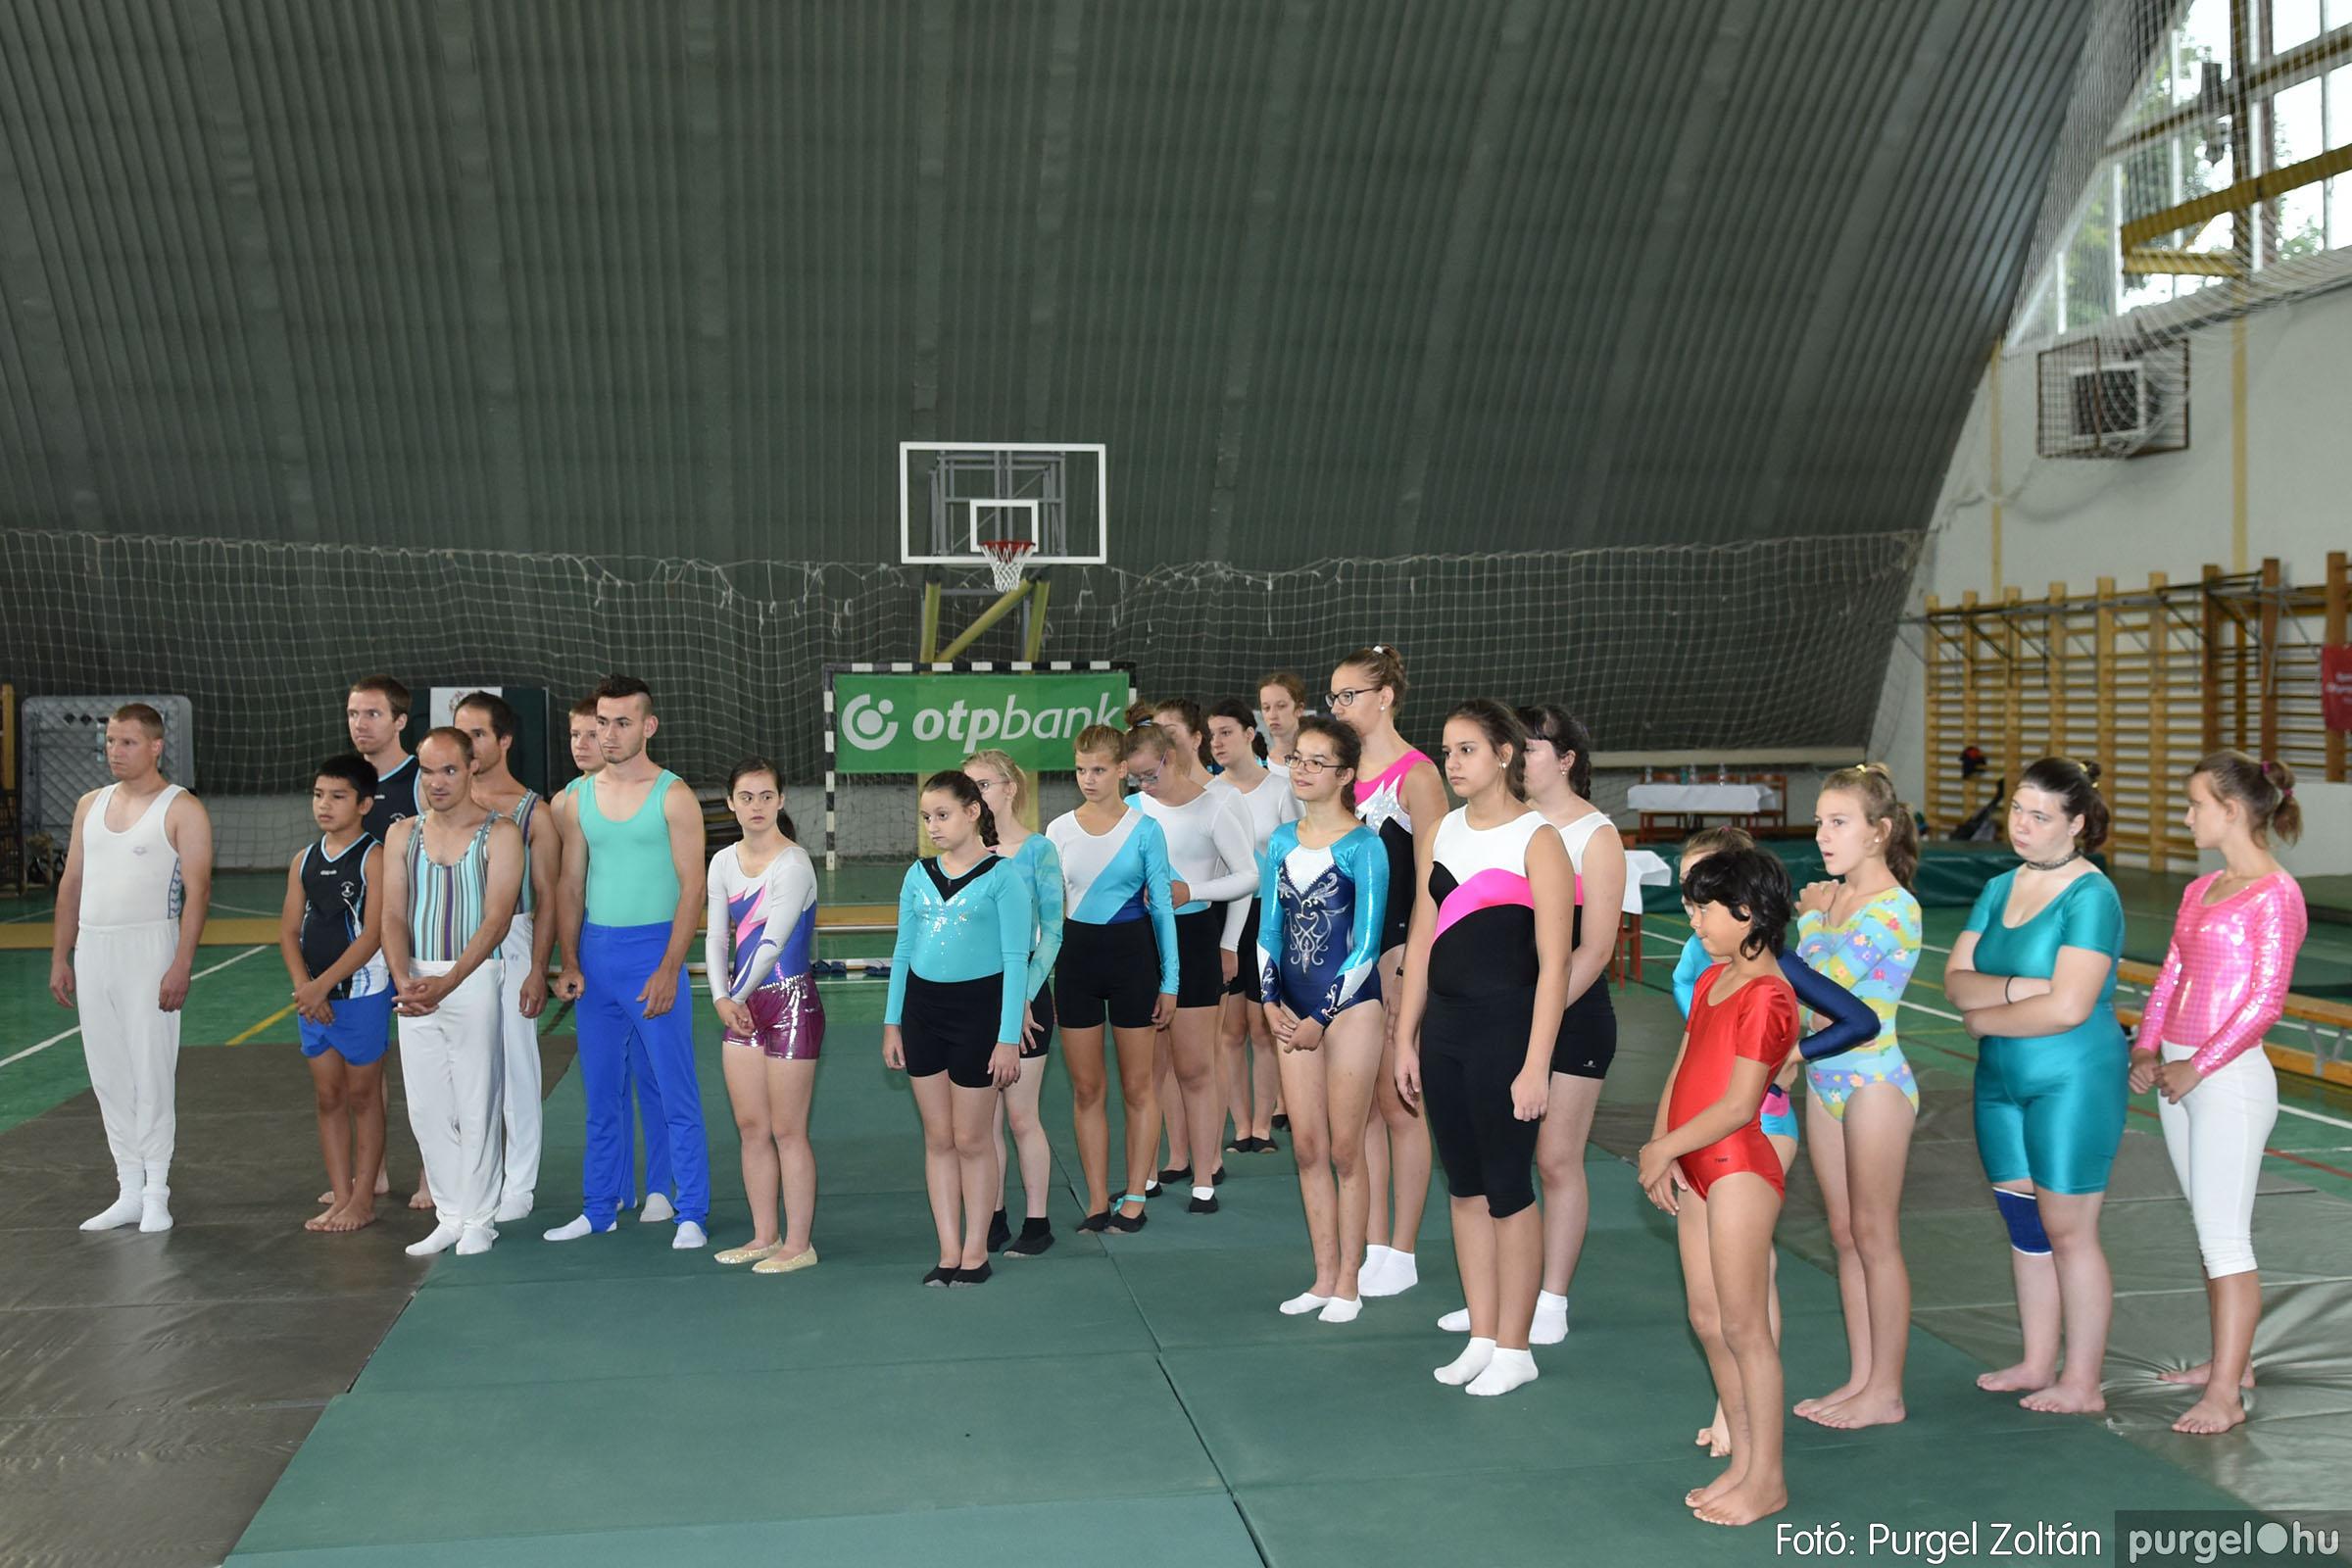 2021.08.27. 008 VII. Speciális Olimpia Nyári Nemzeti Játékok szegvári megnyitója.jpg